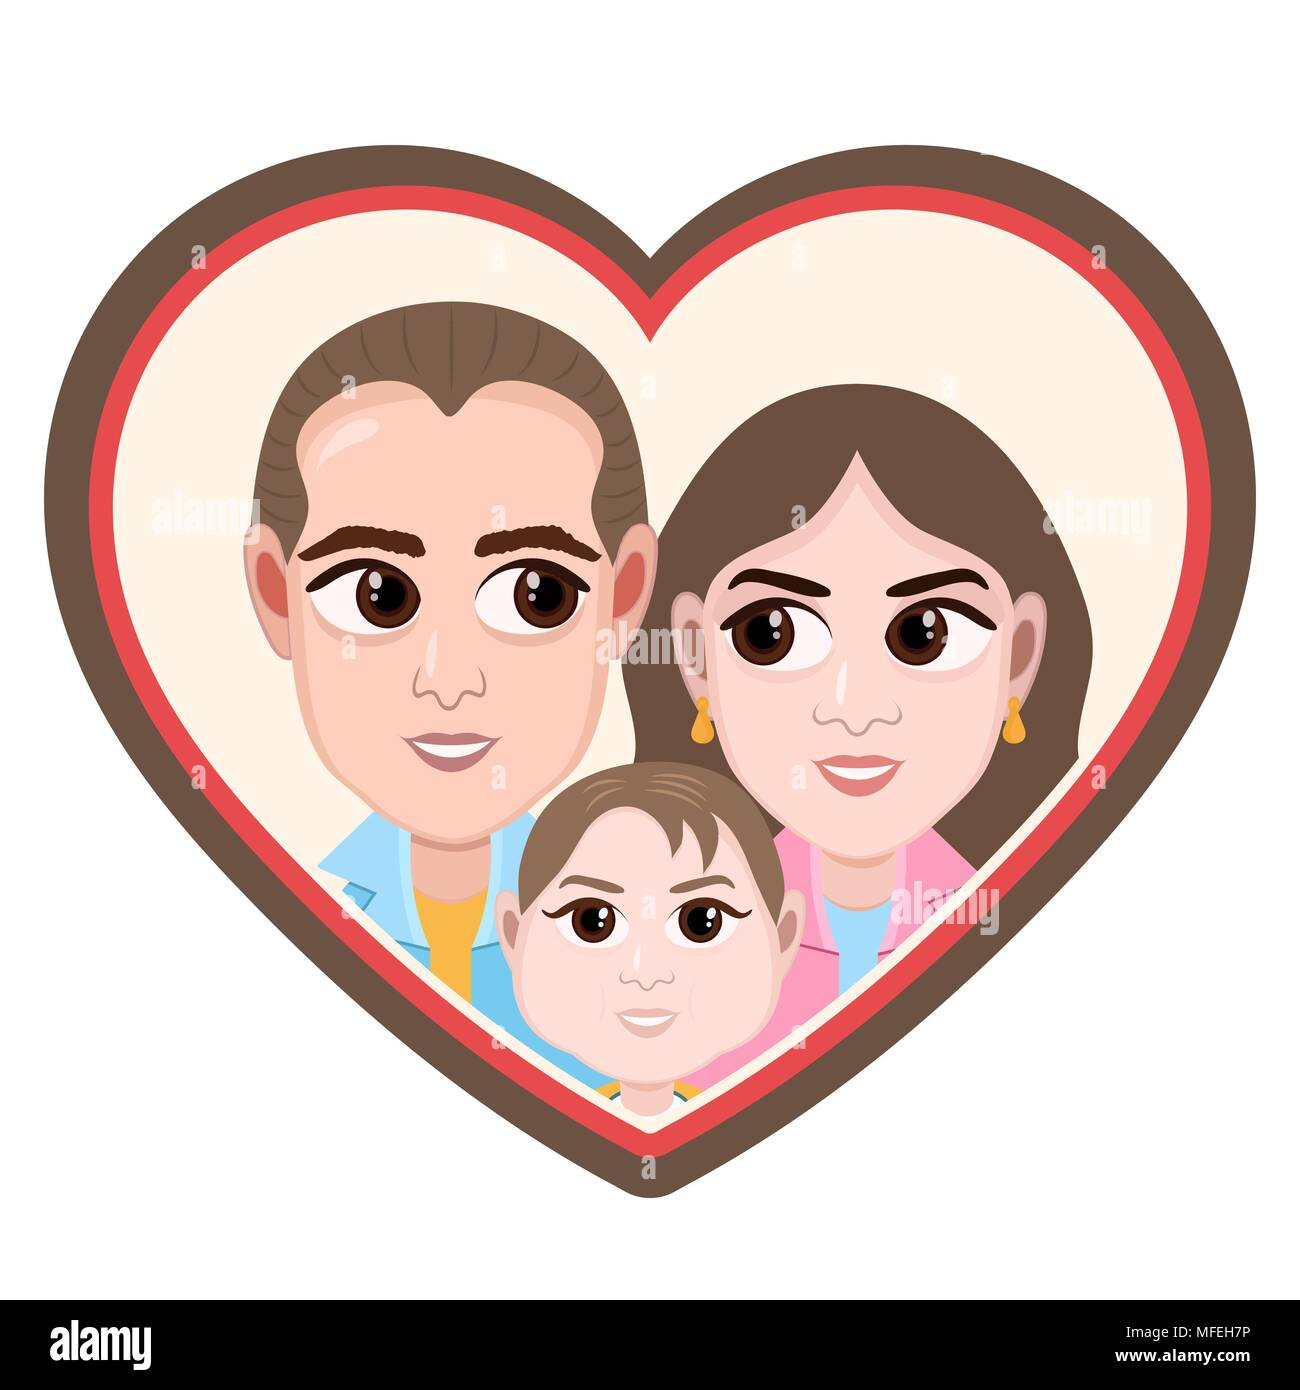 Personaggio Dei Fumetti Vettore Di Disegno Ritratto Happy Family